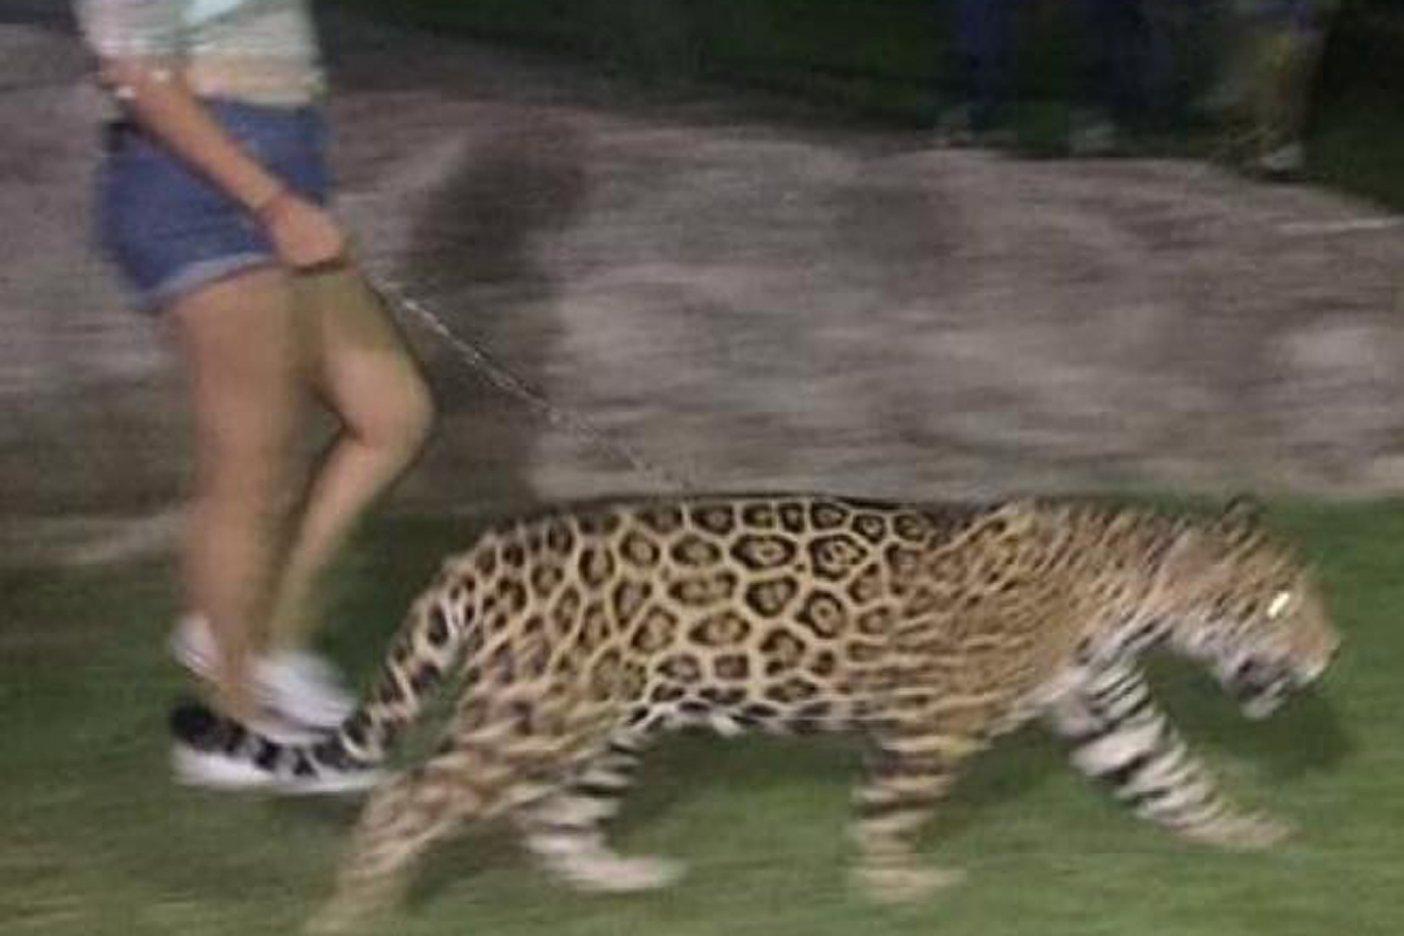 Pasean a jaguar en calles de Culiacán; Profepa investiga